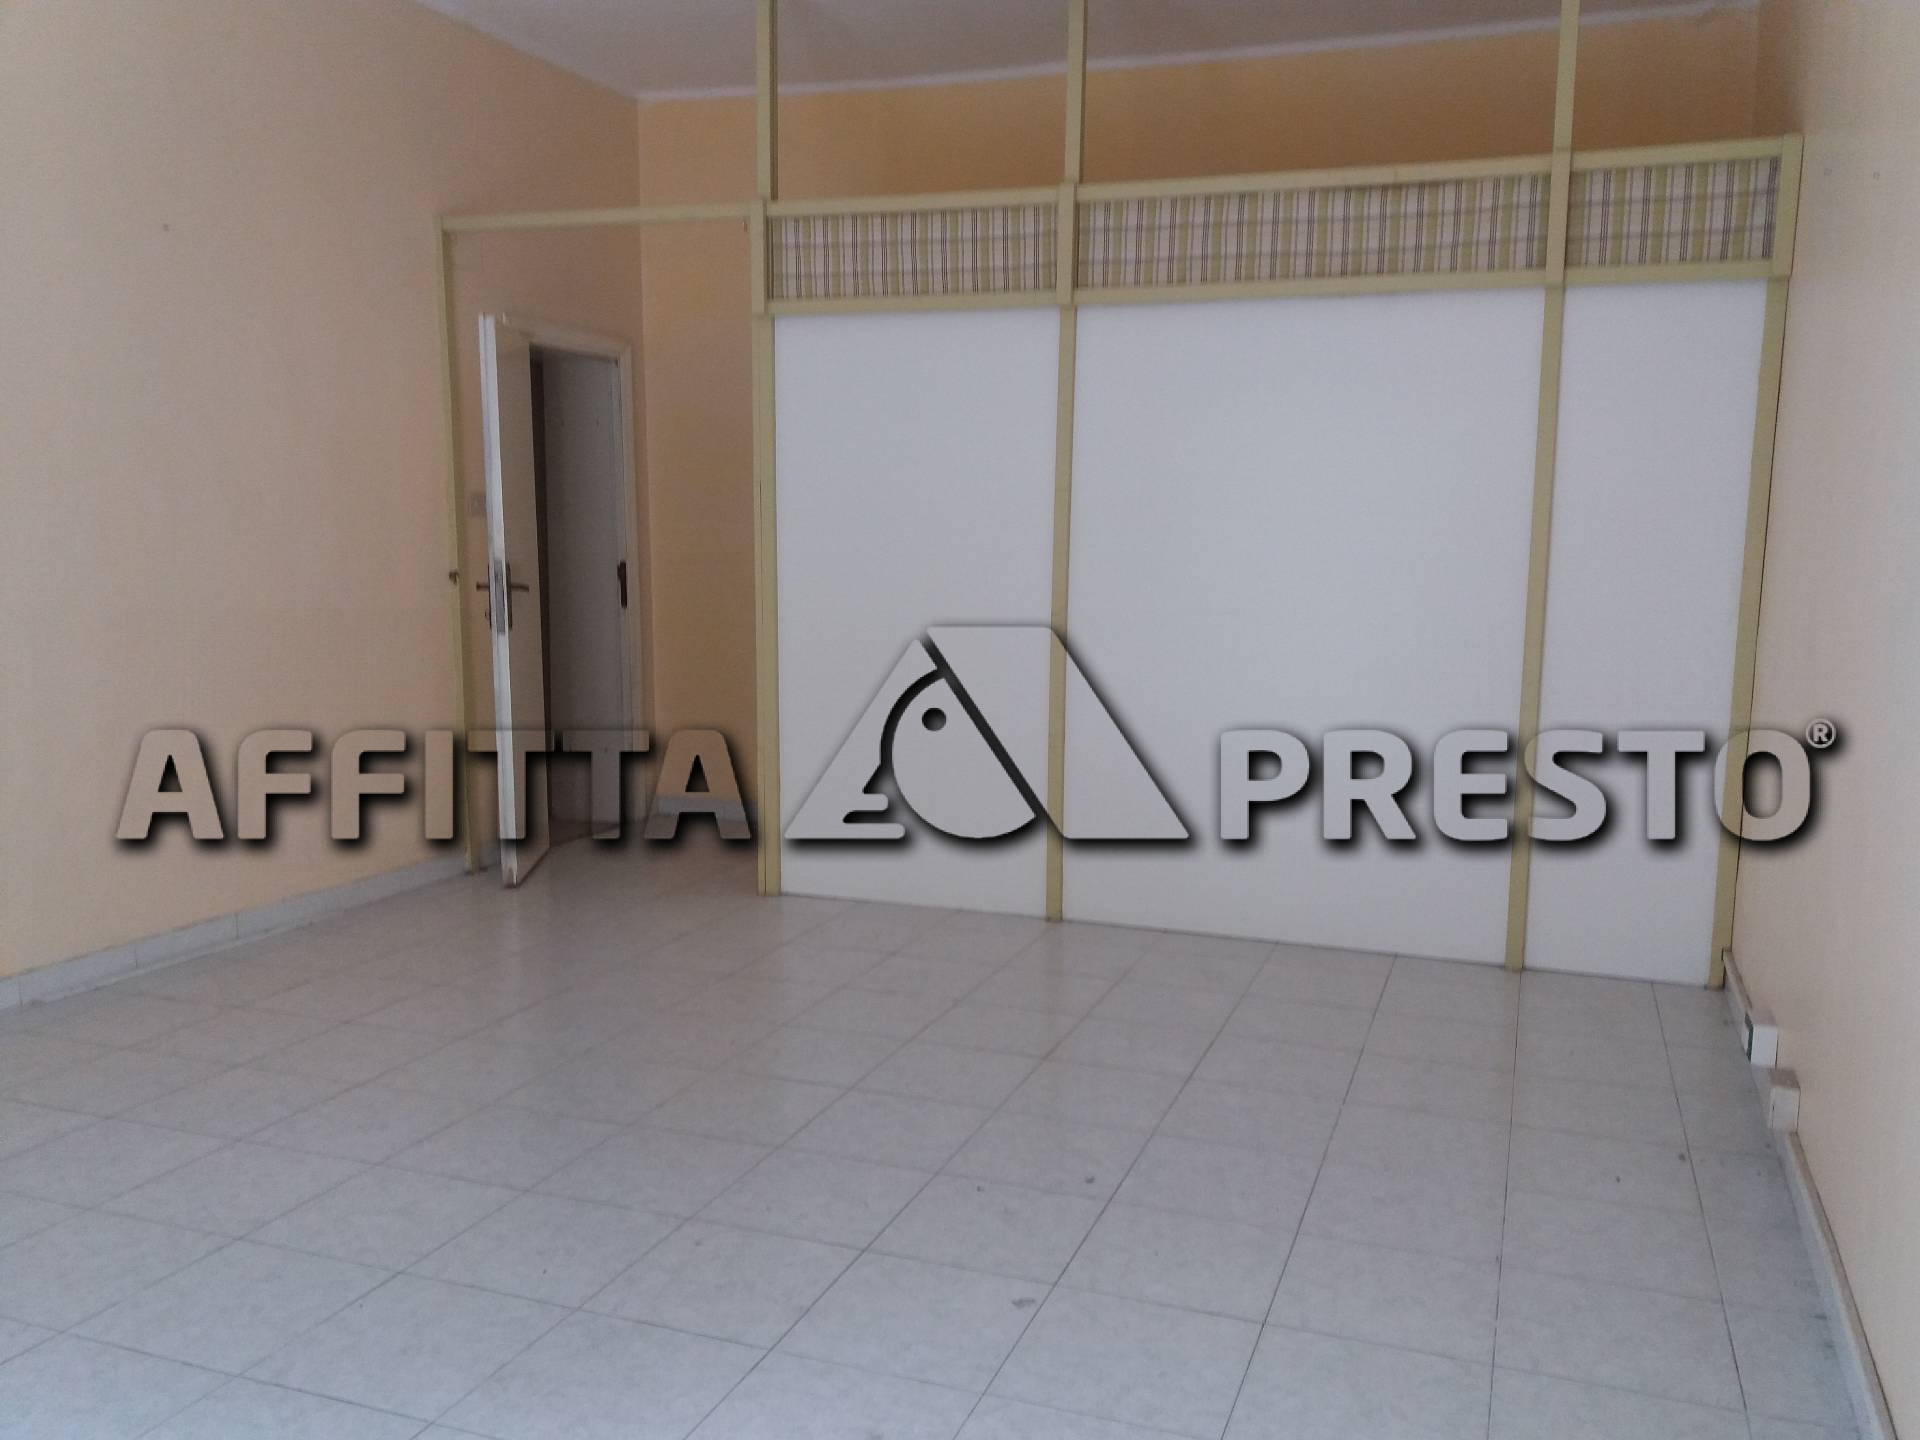 Attività commerciale in vendita a Pontedera (PI)